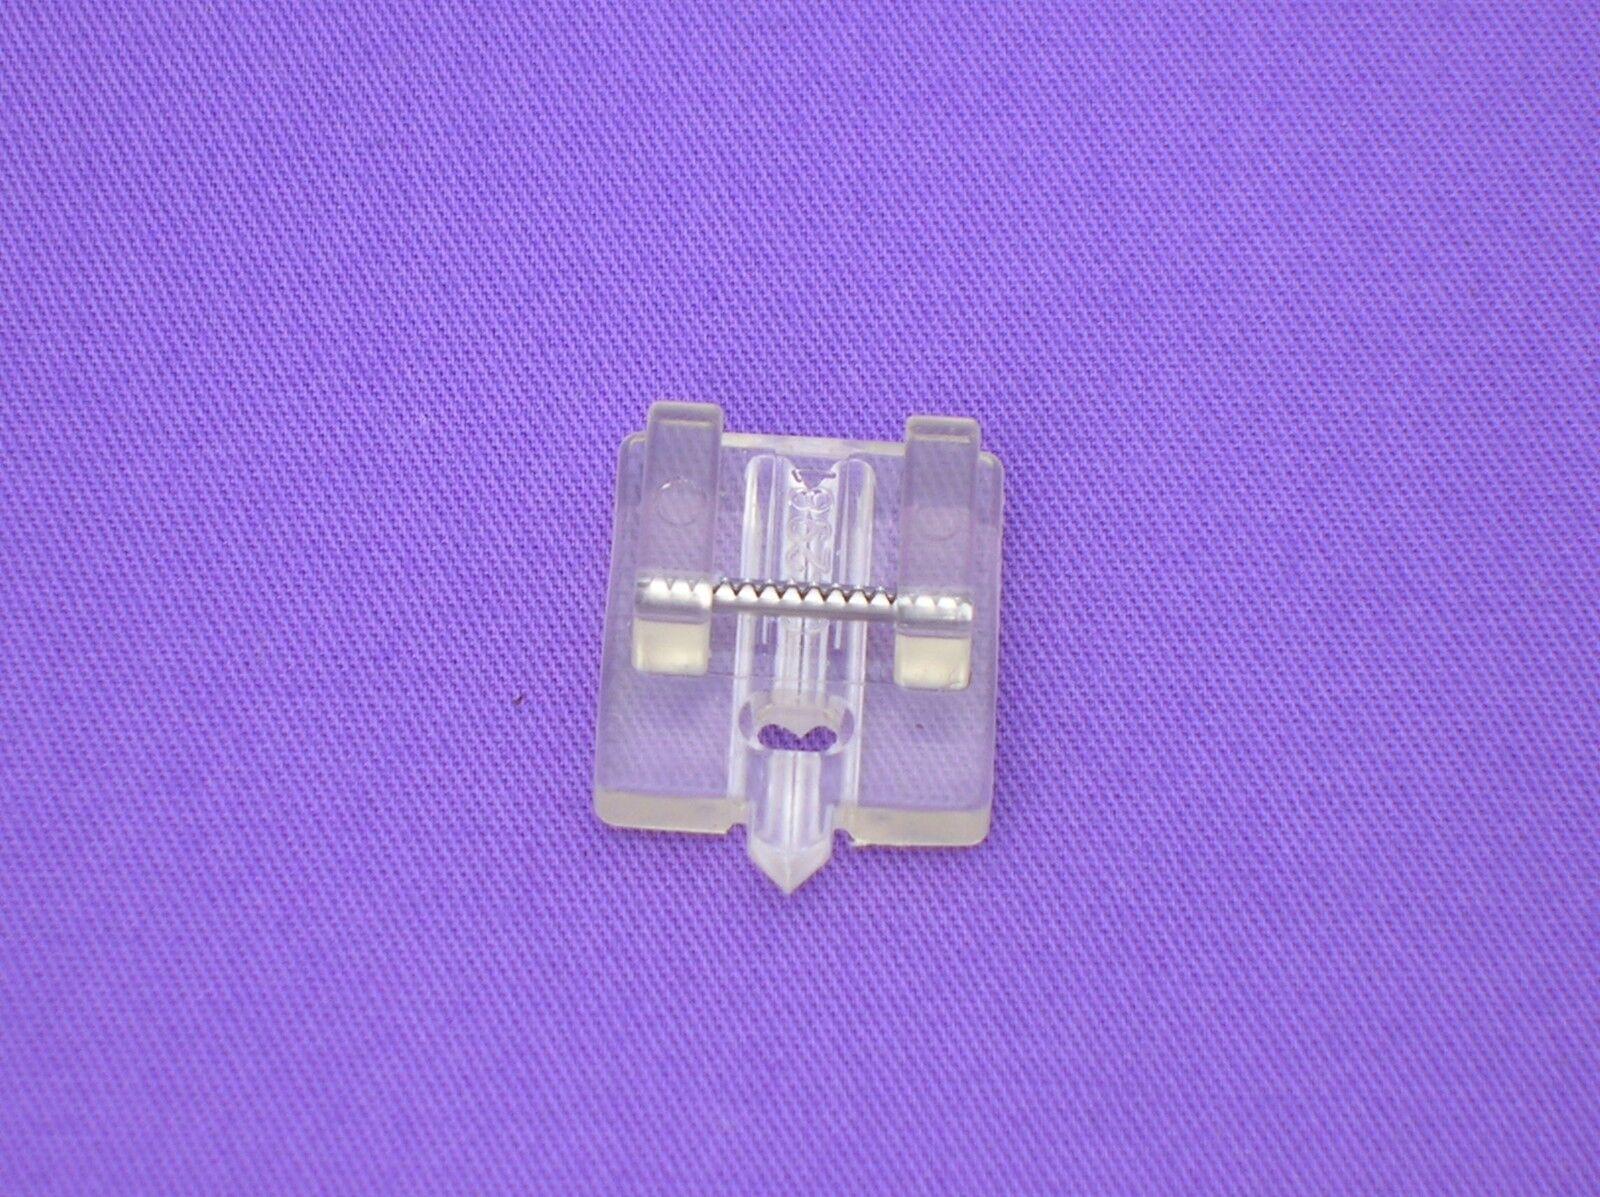 pfaff sewing machine zipper foot